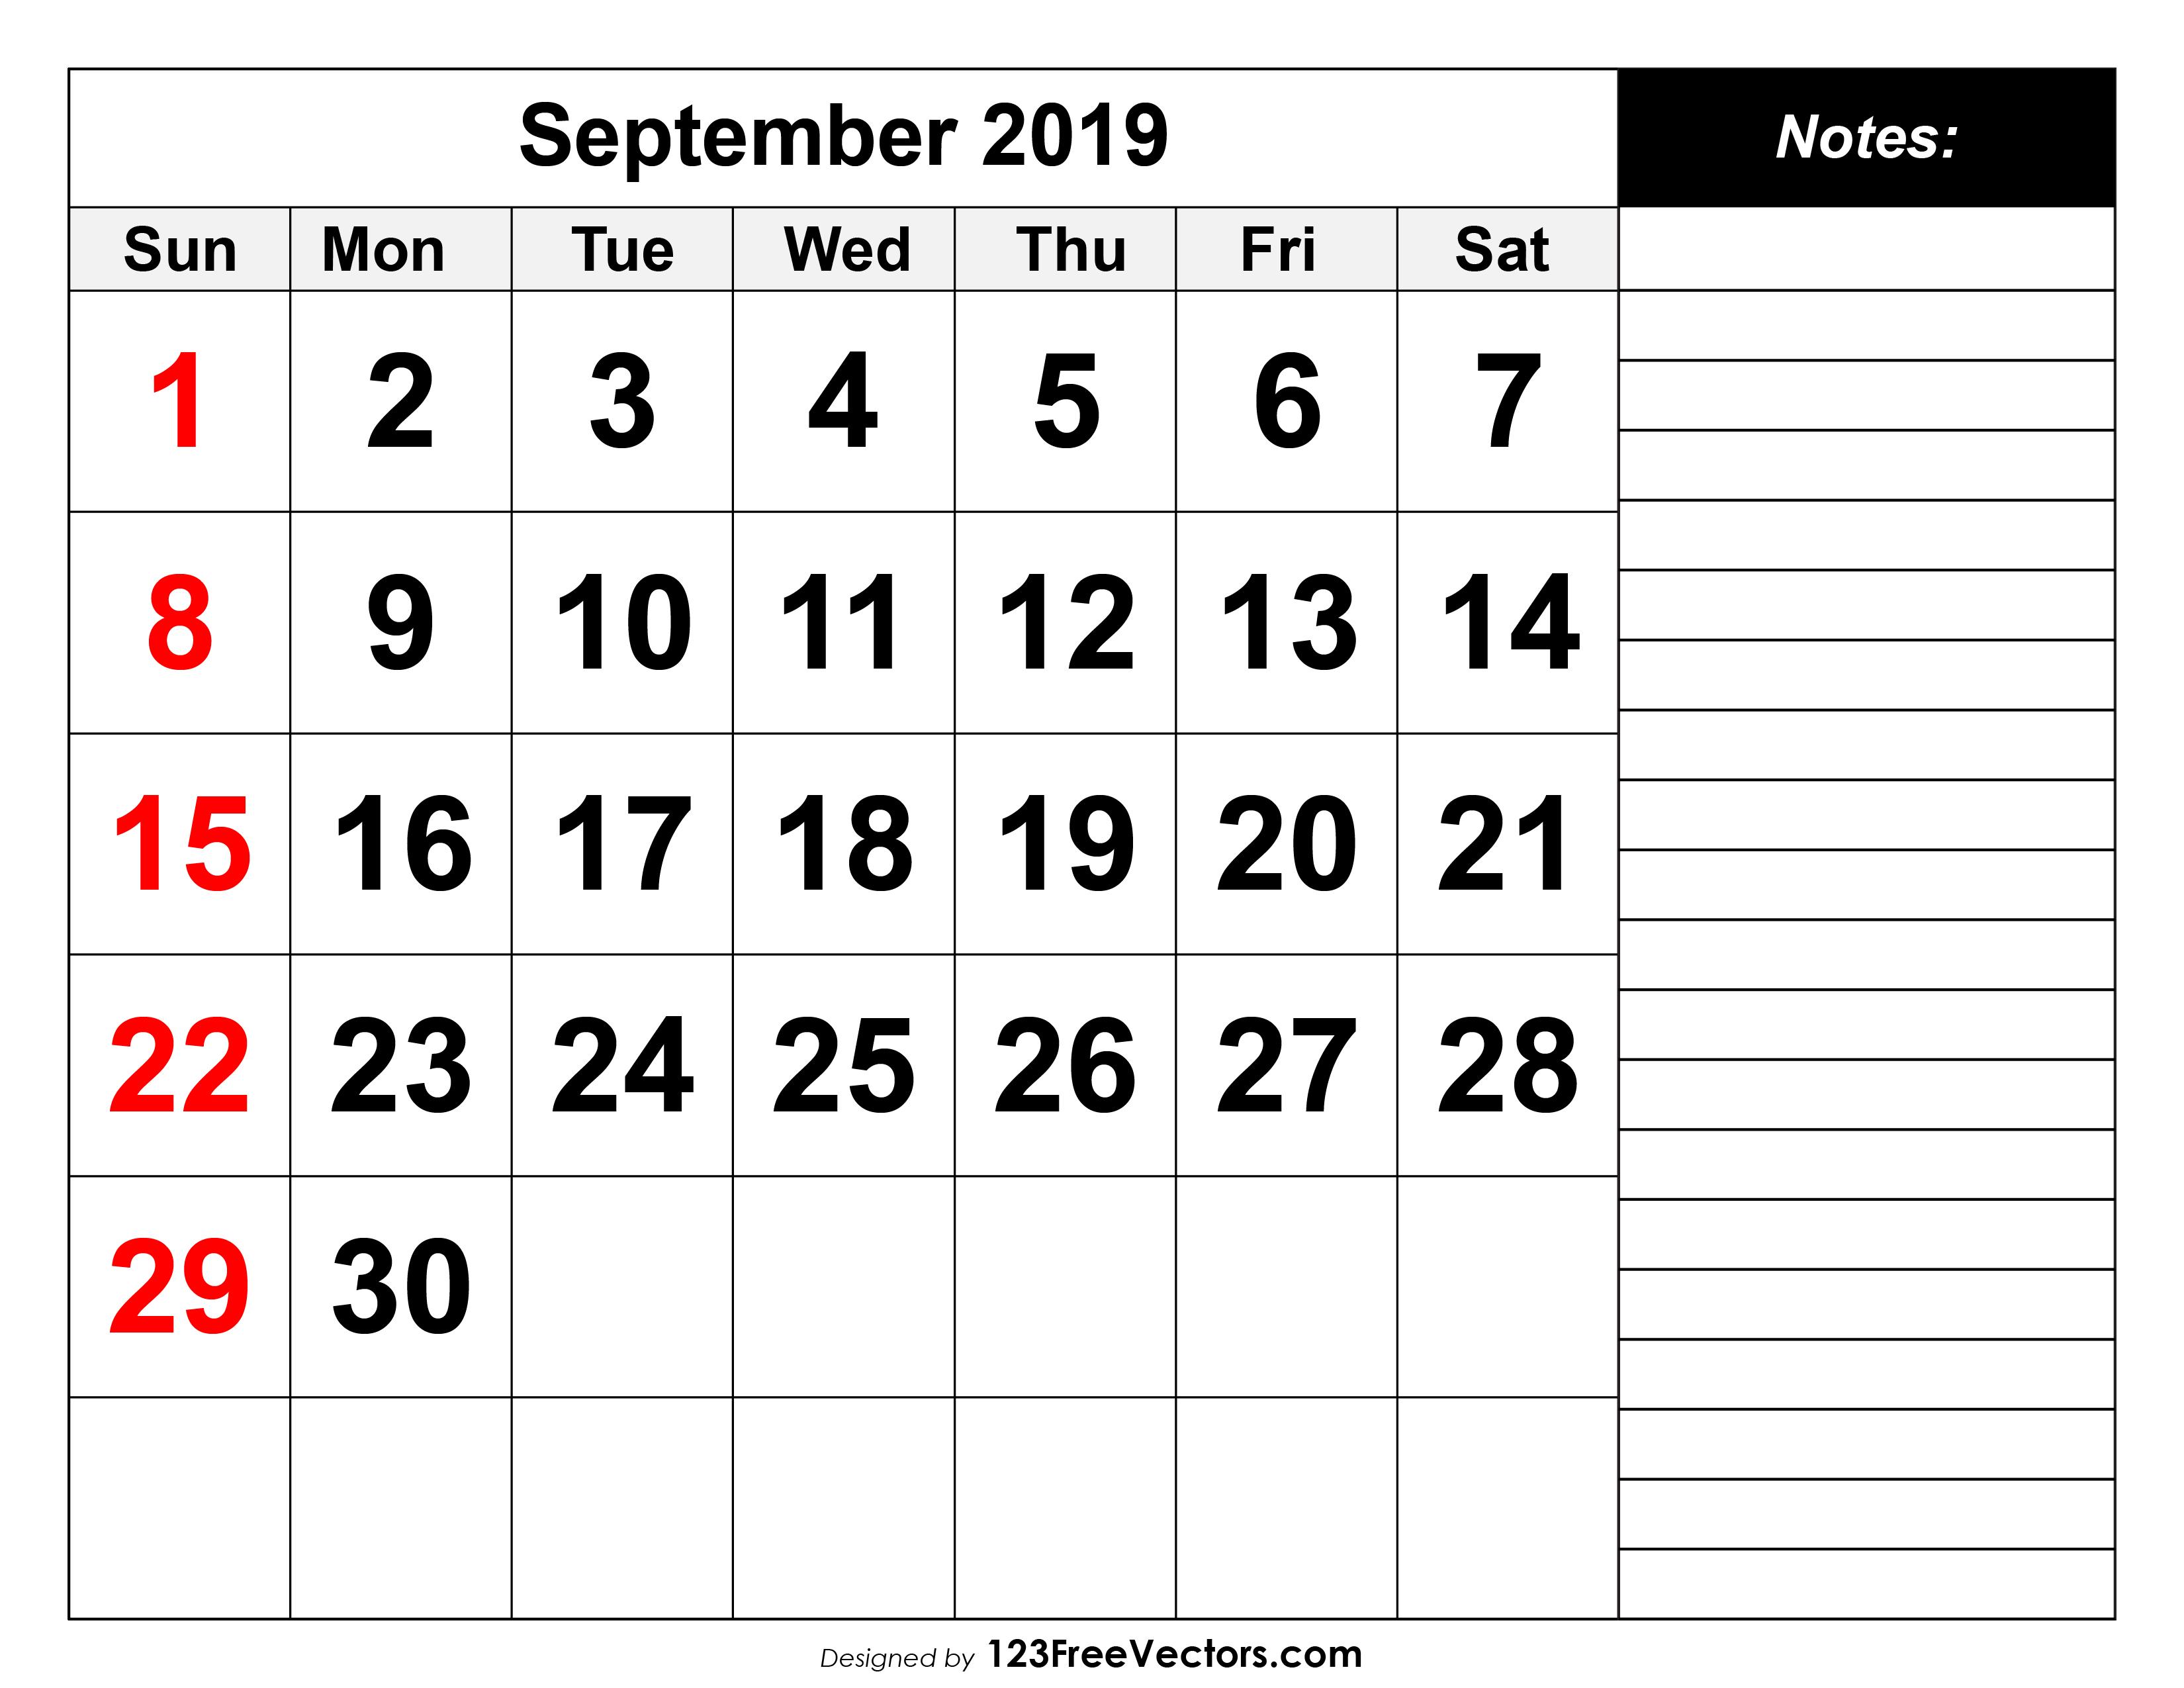 photo regarding September Printable Calendar identified as September 2019 Printable Calendar